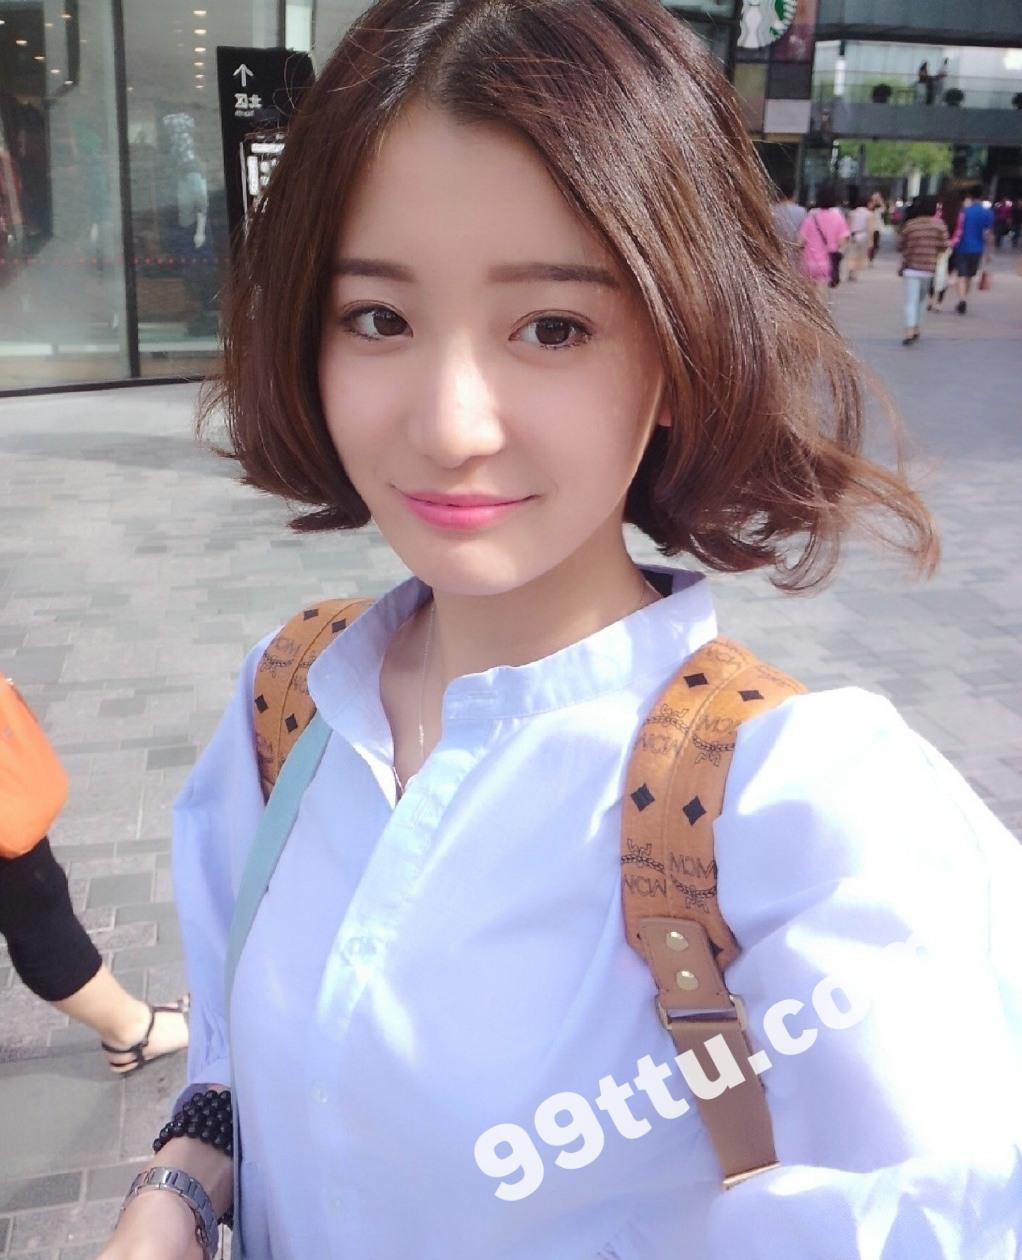 KK57_168张 超真实美女青春女生照片组生活照-9